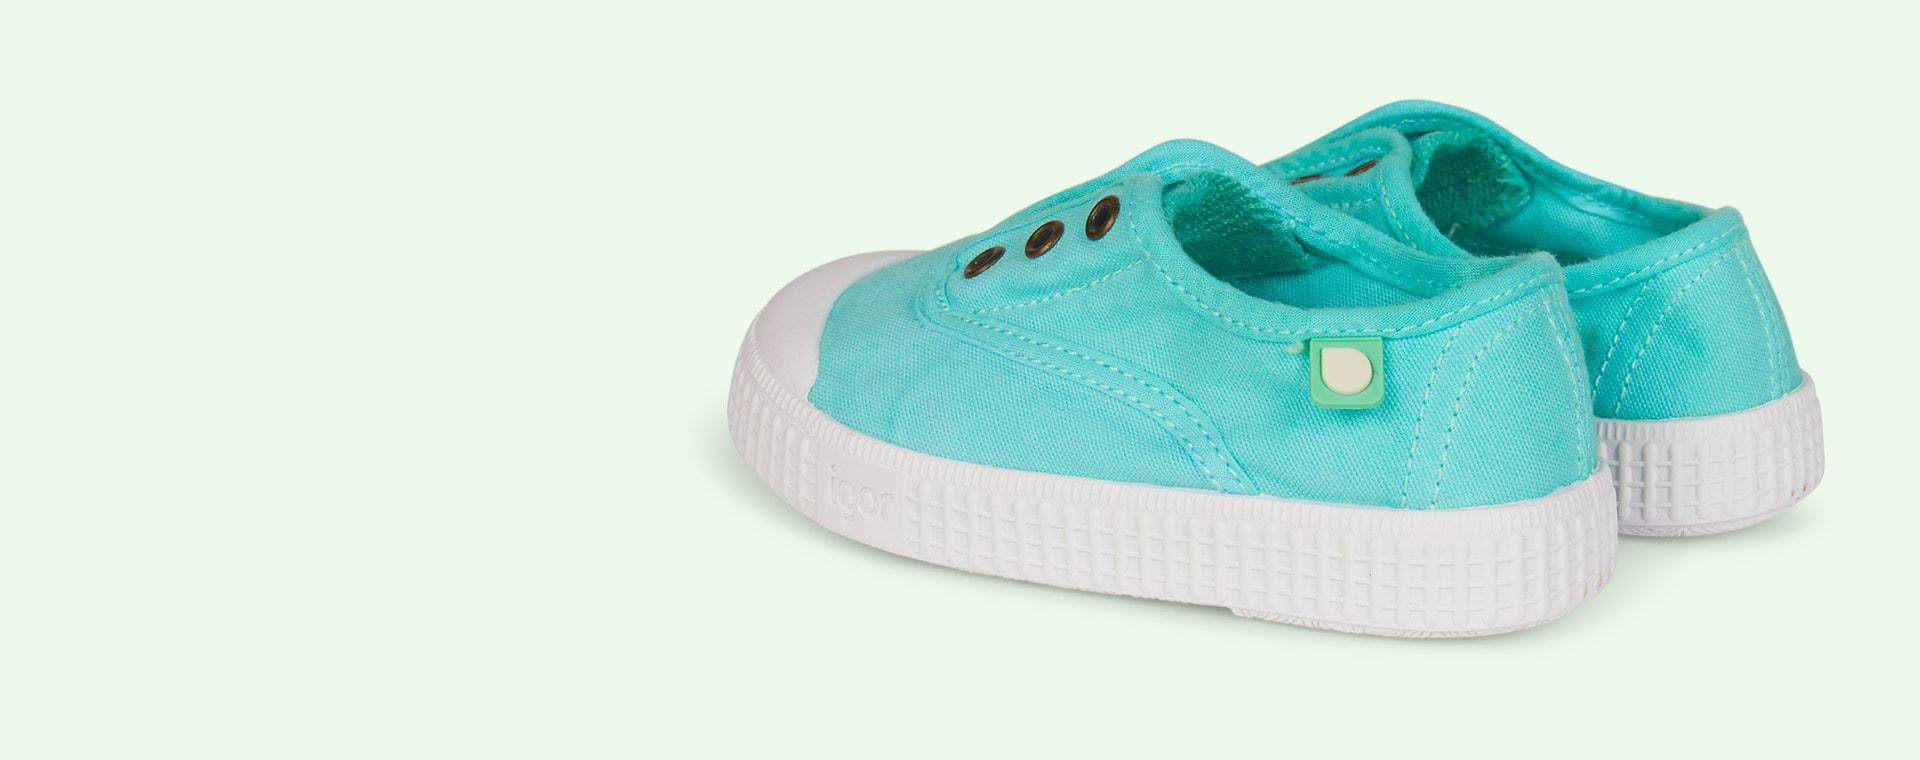 Mint igor Berri Tennis Shoe